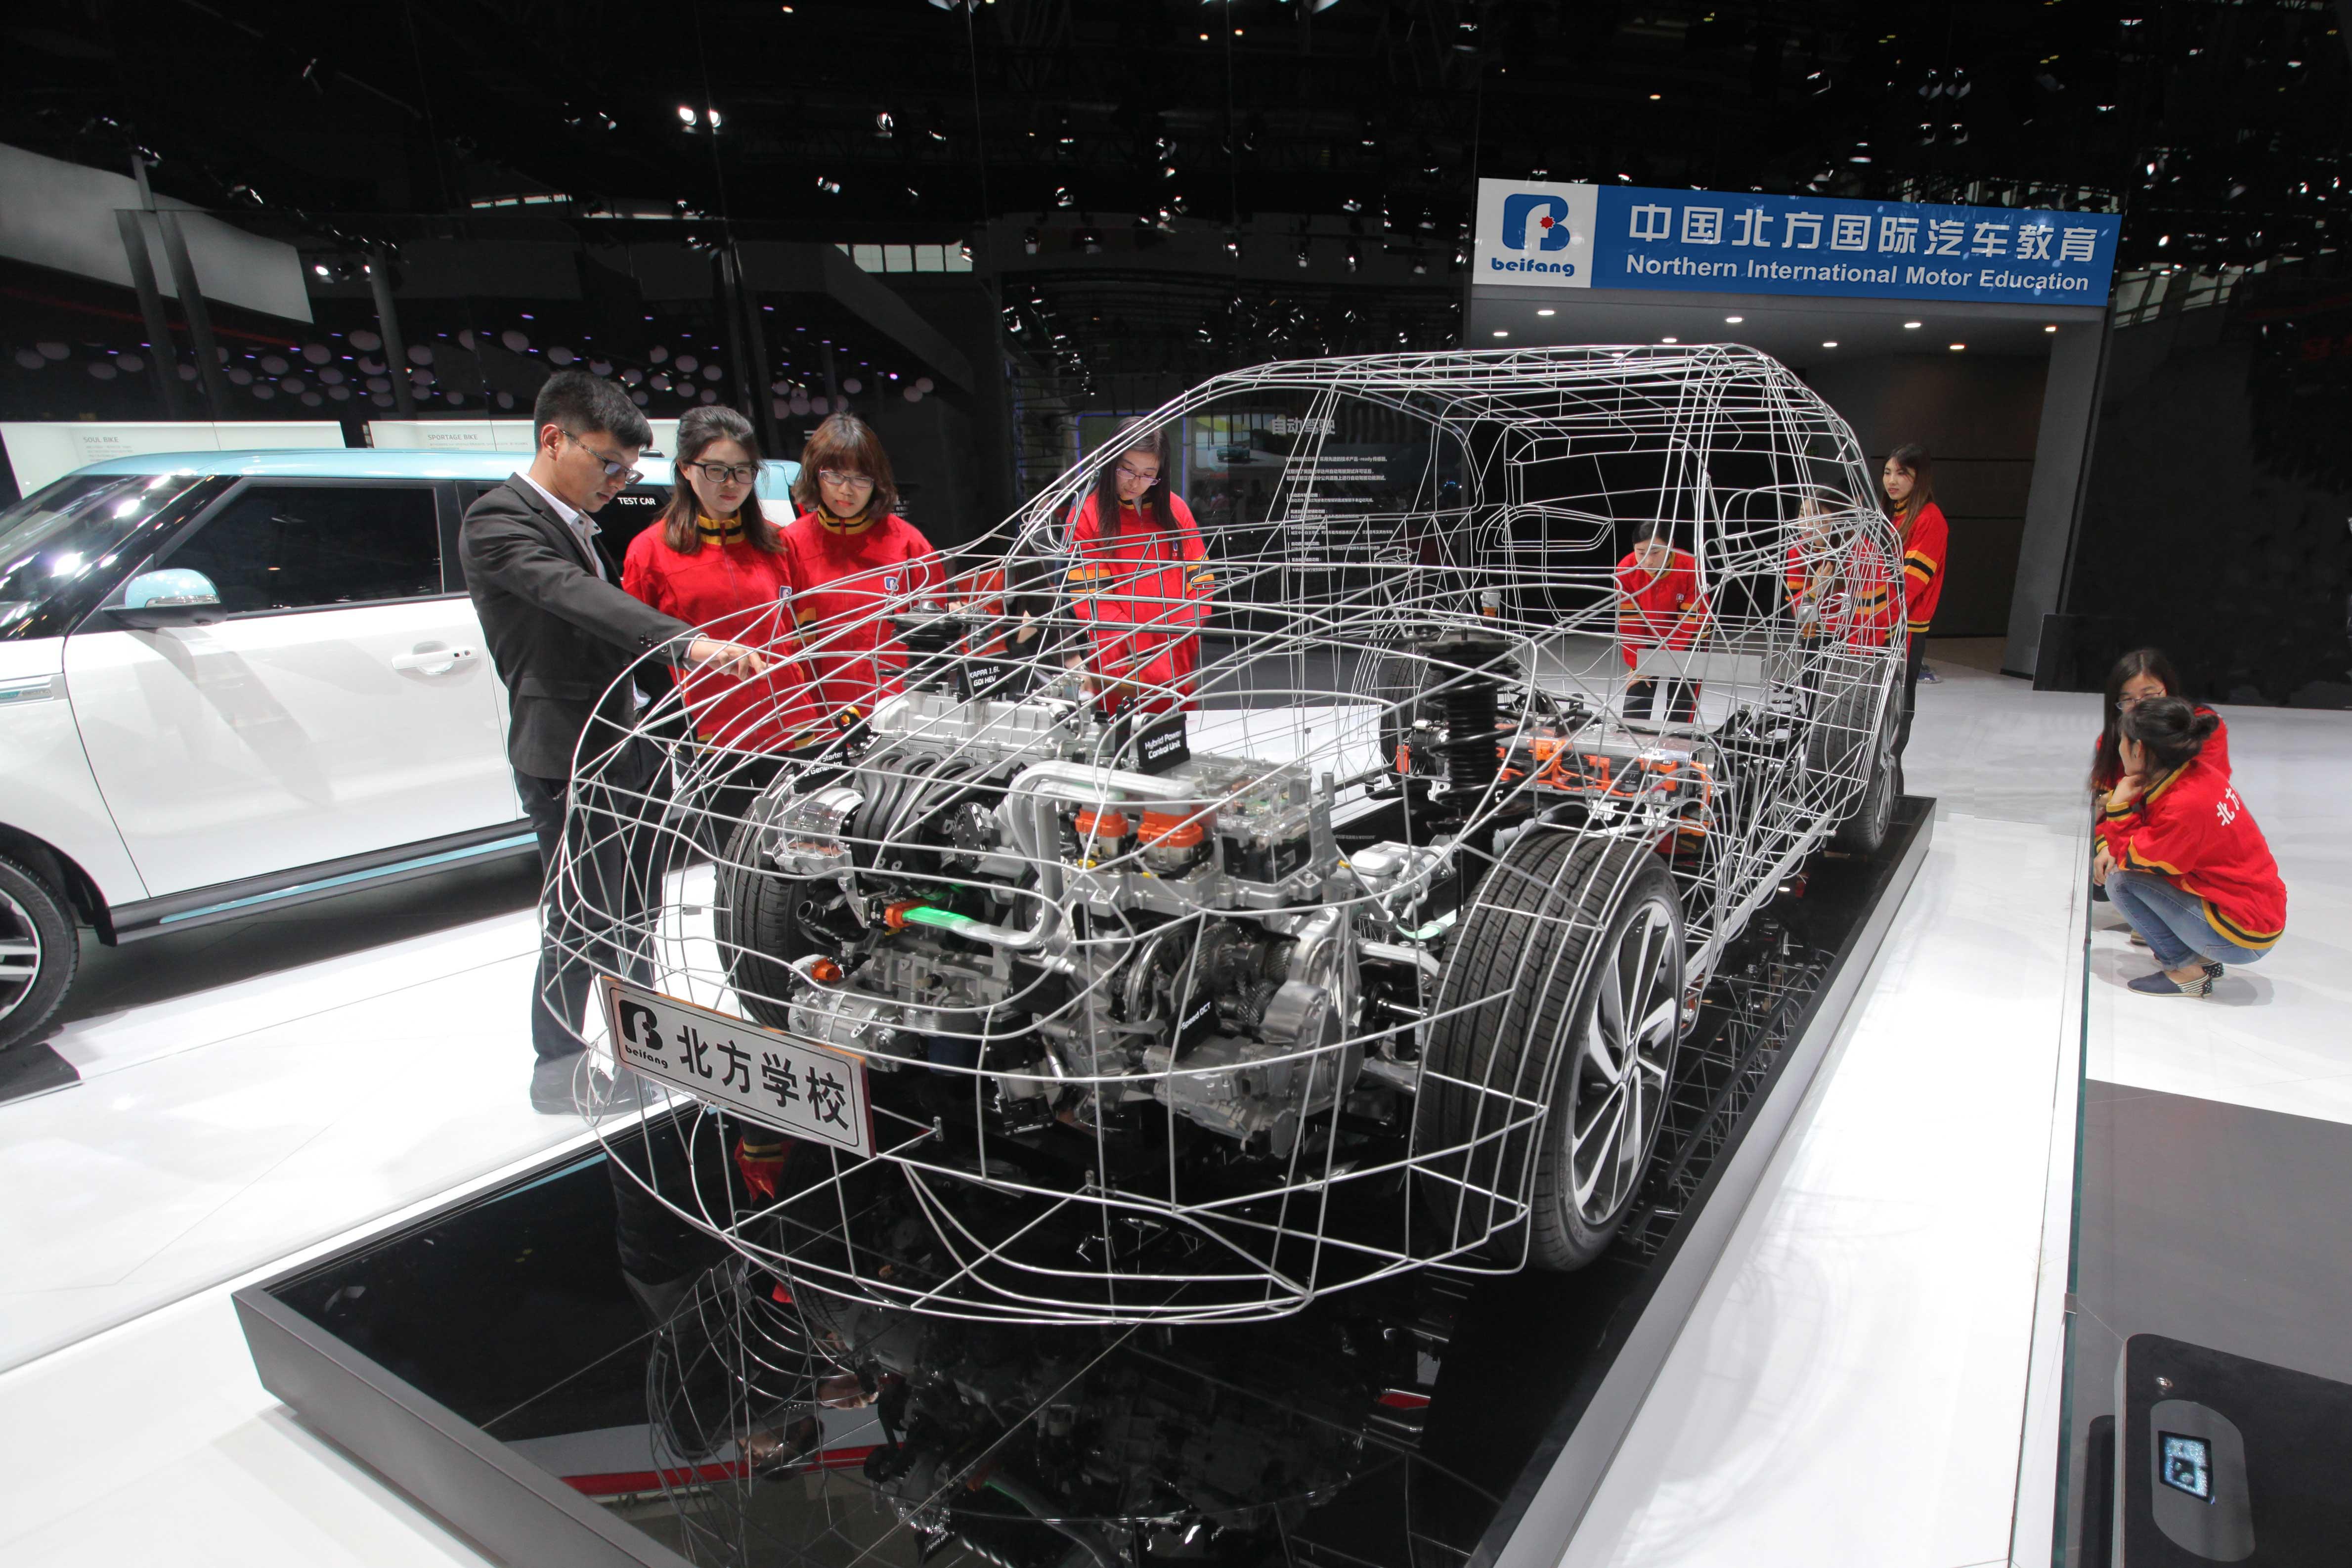 汽车电器系统结构与原理,汽车发动机电控系统结构与原理,汽车底盘电控